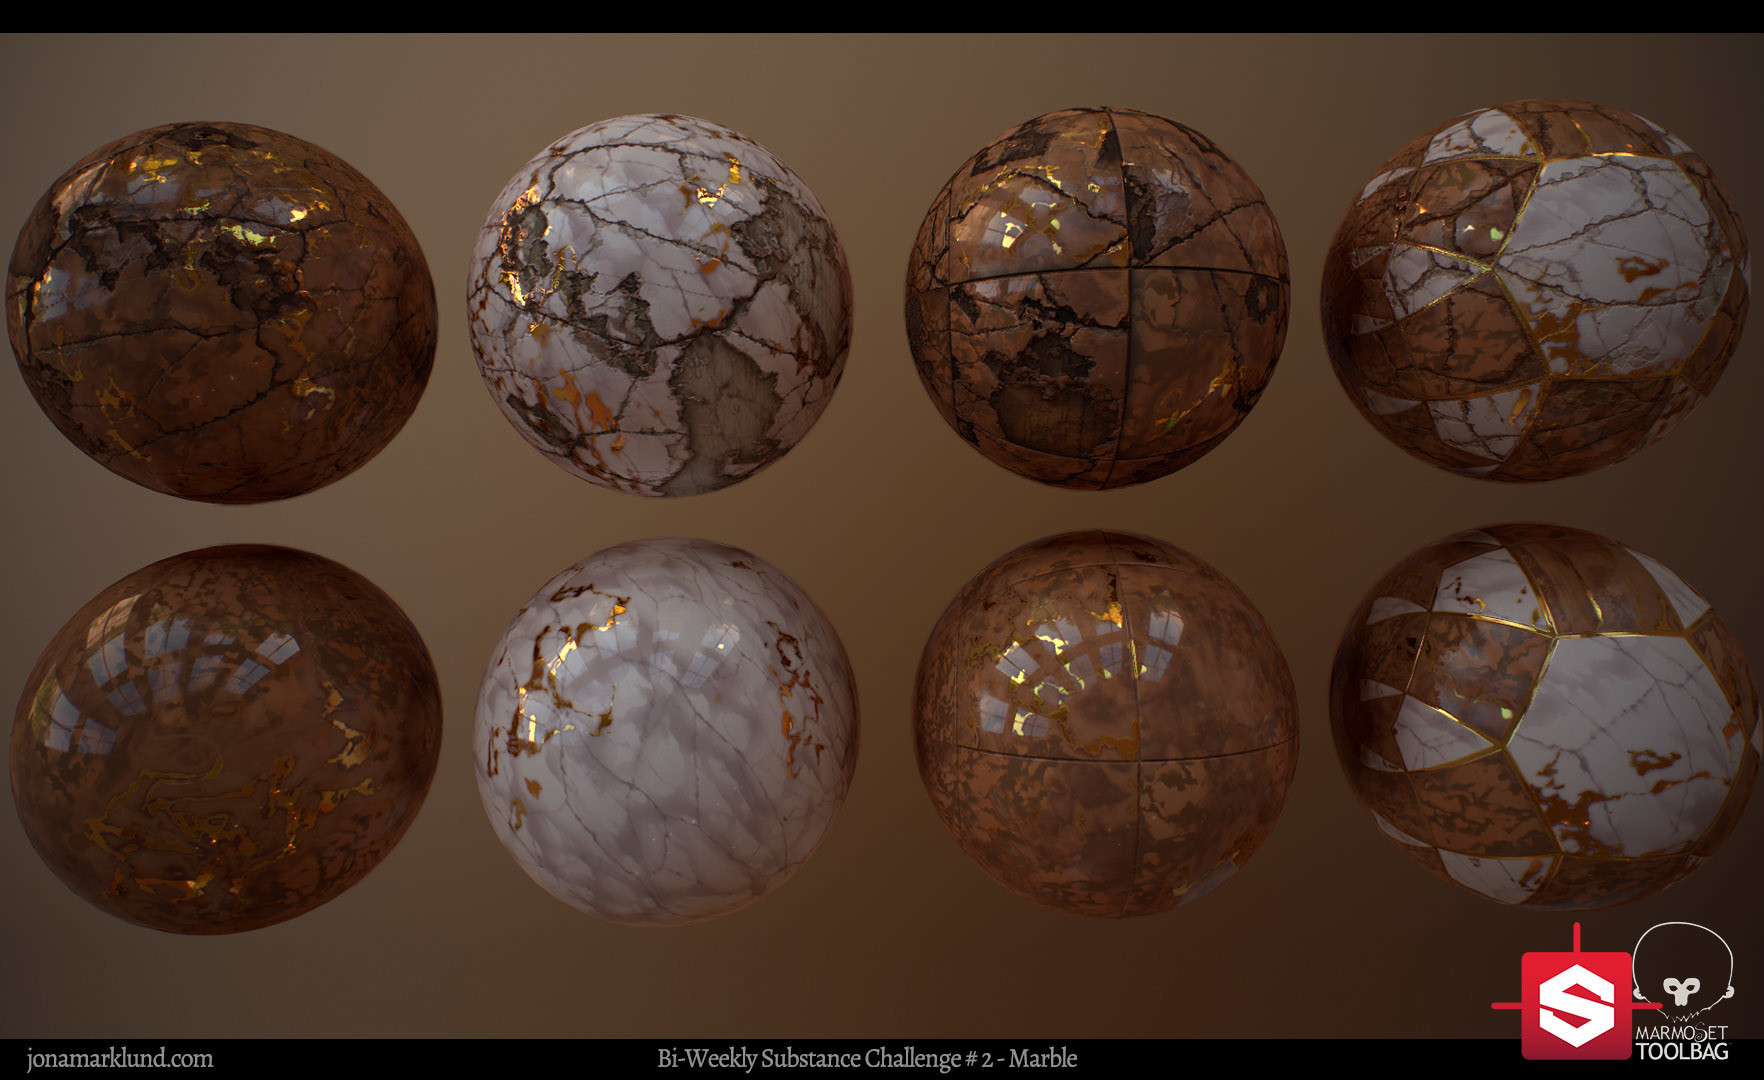 Jona marklund jona marklund biweeklysubstance02 marble v04